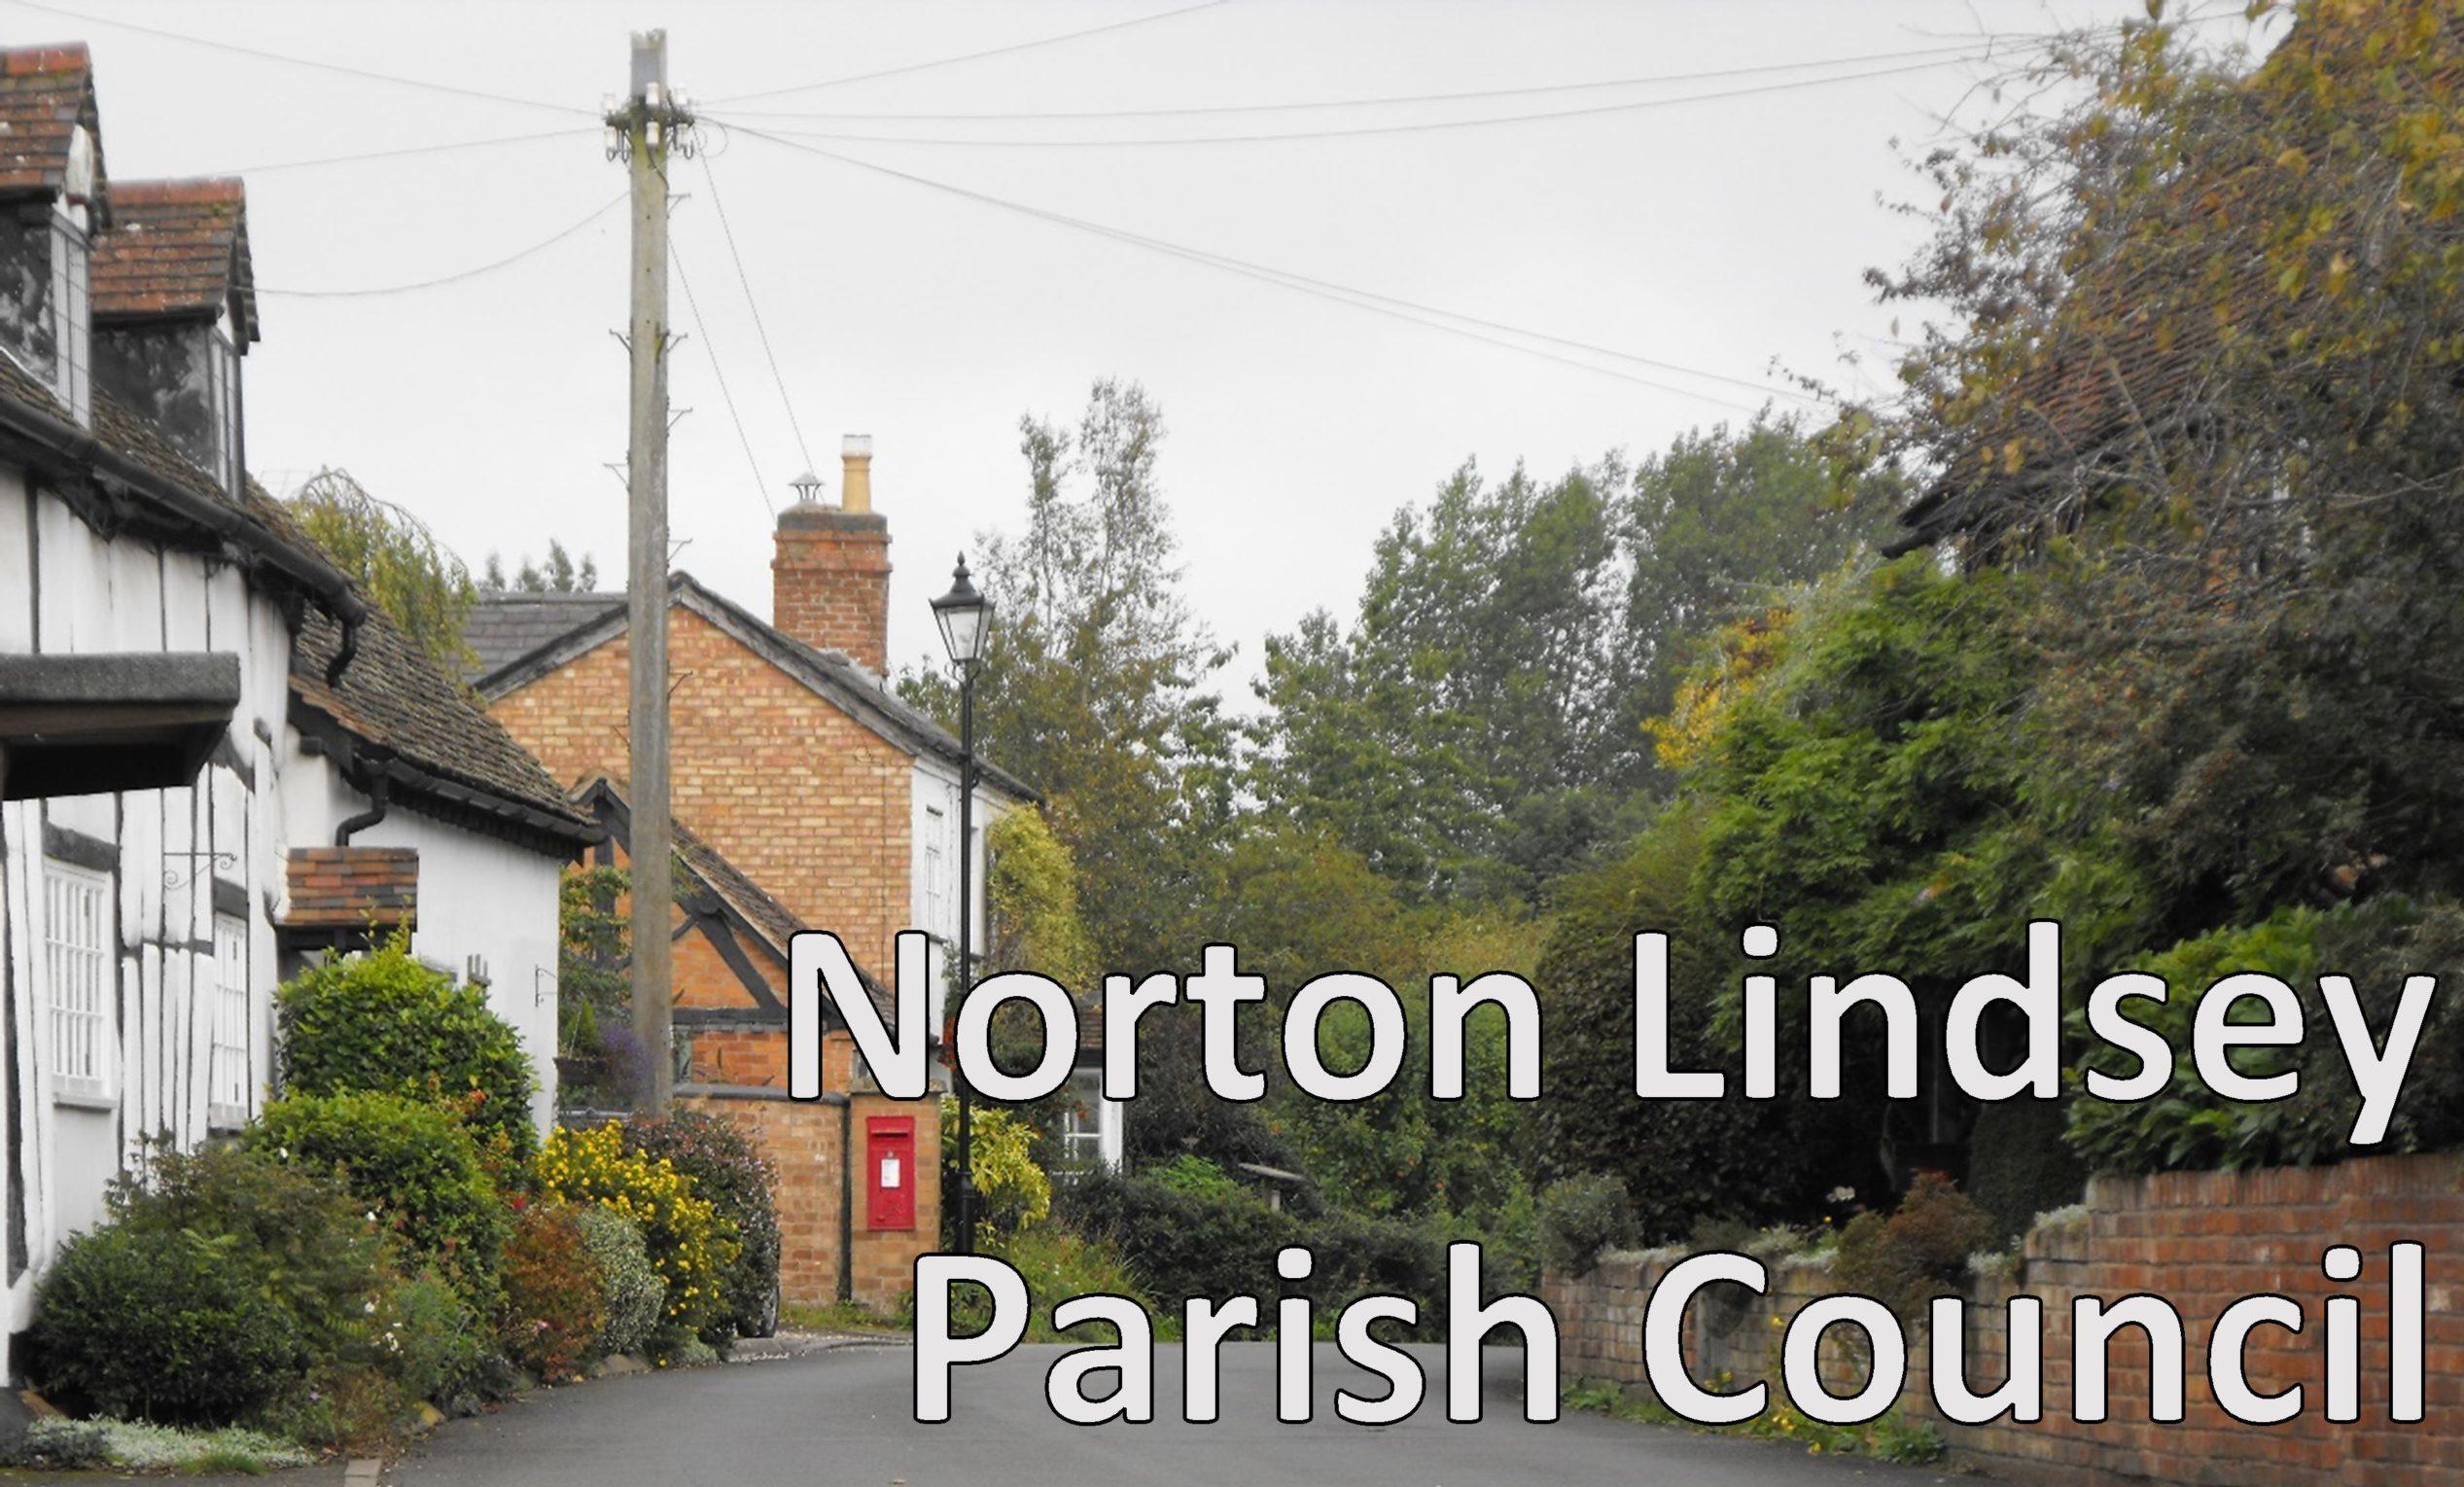 Norton Lindsey Parish Council